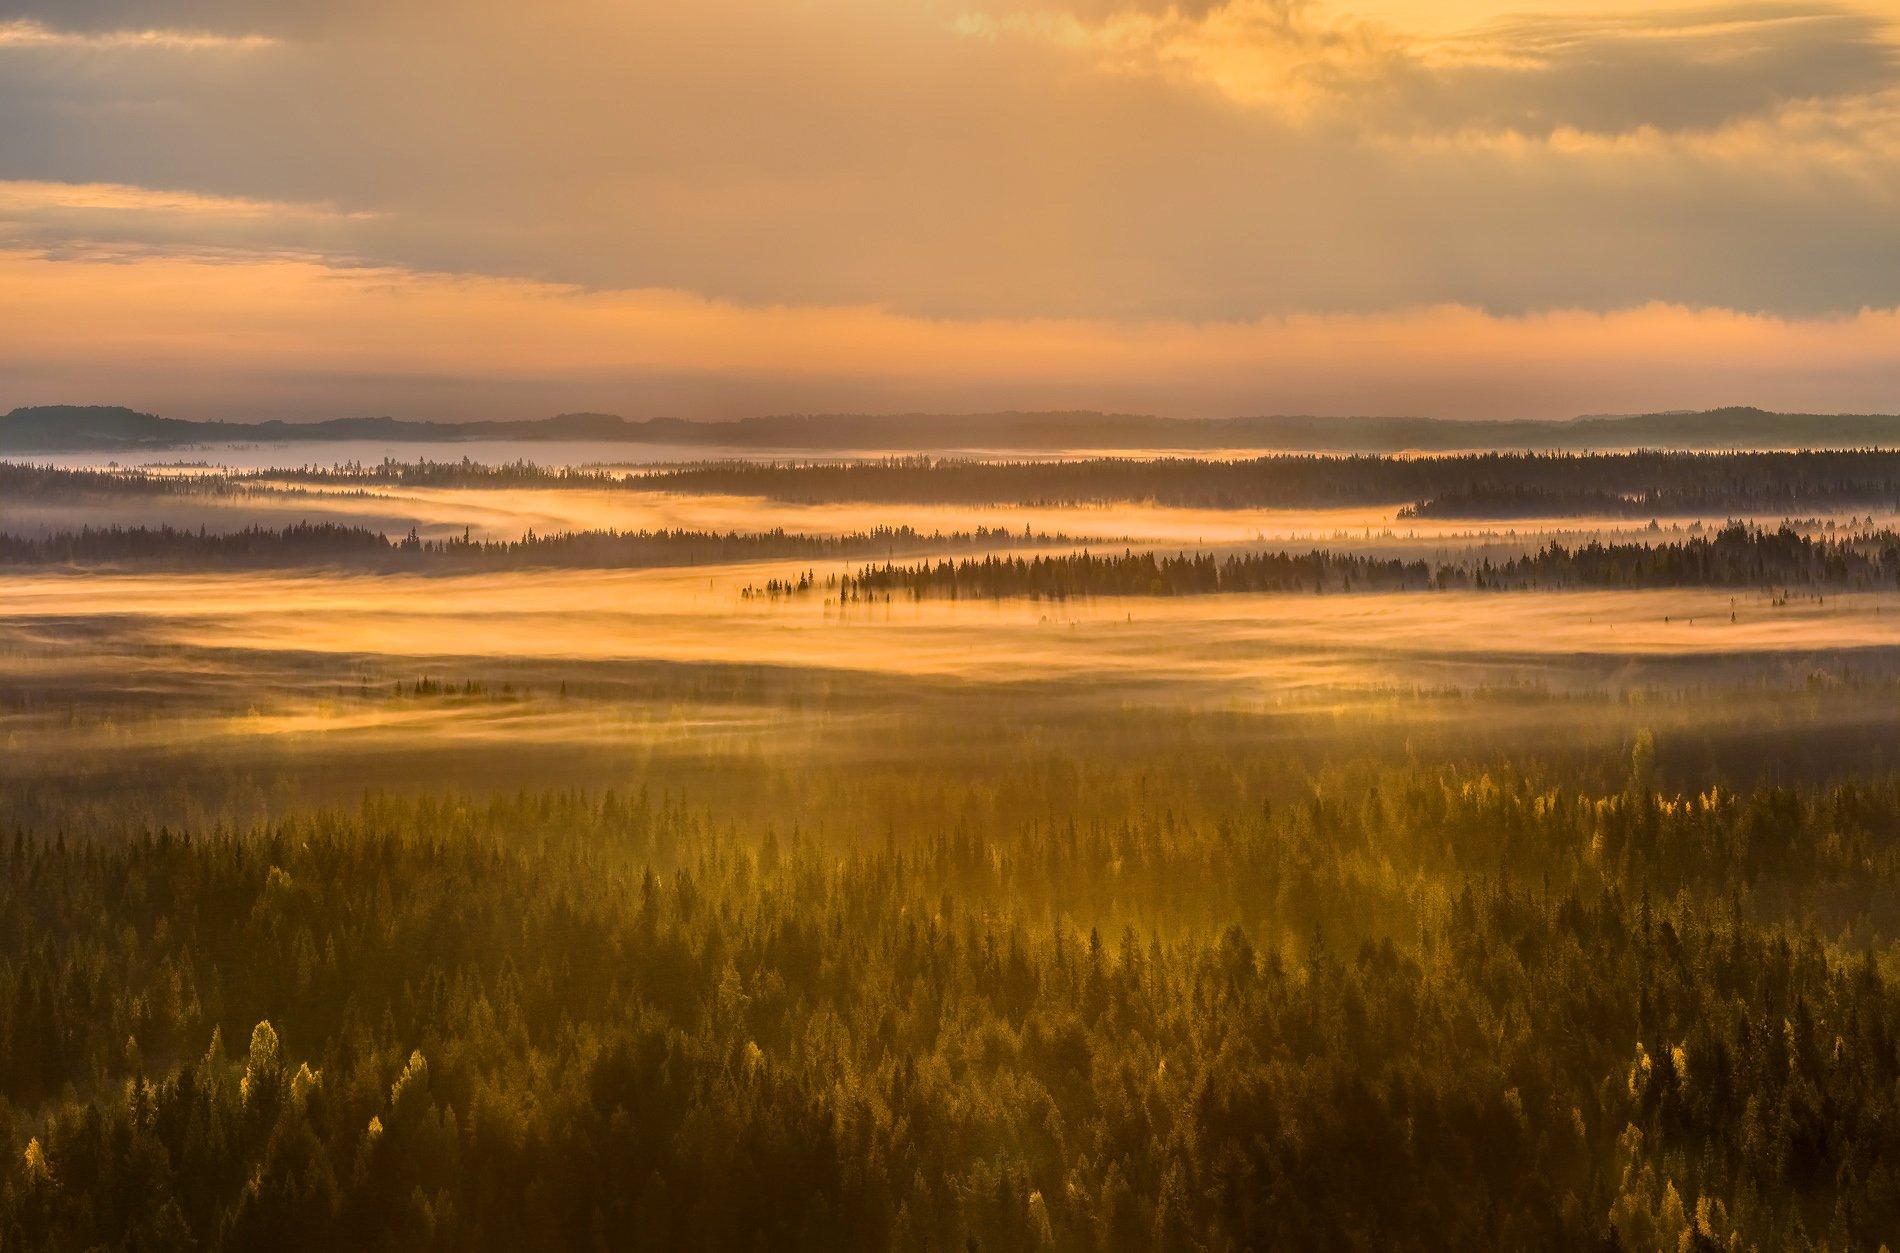 осень,  ленинградская область, лес, вепсский лес, рассвет, туман, луг, парк, заказник, солнце, тайга, ели, заповедная россия, резерват., Лашков Фёдор